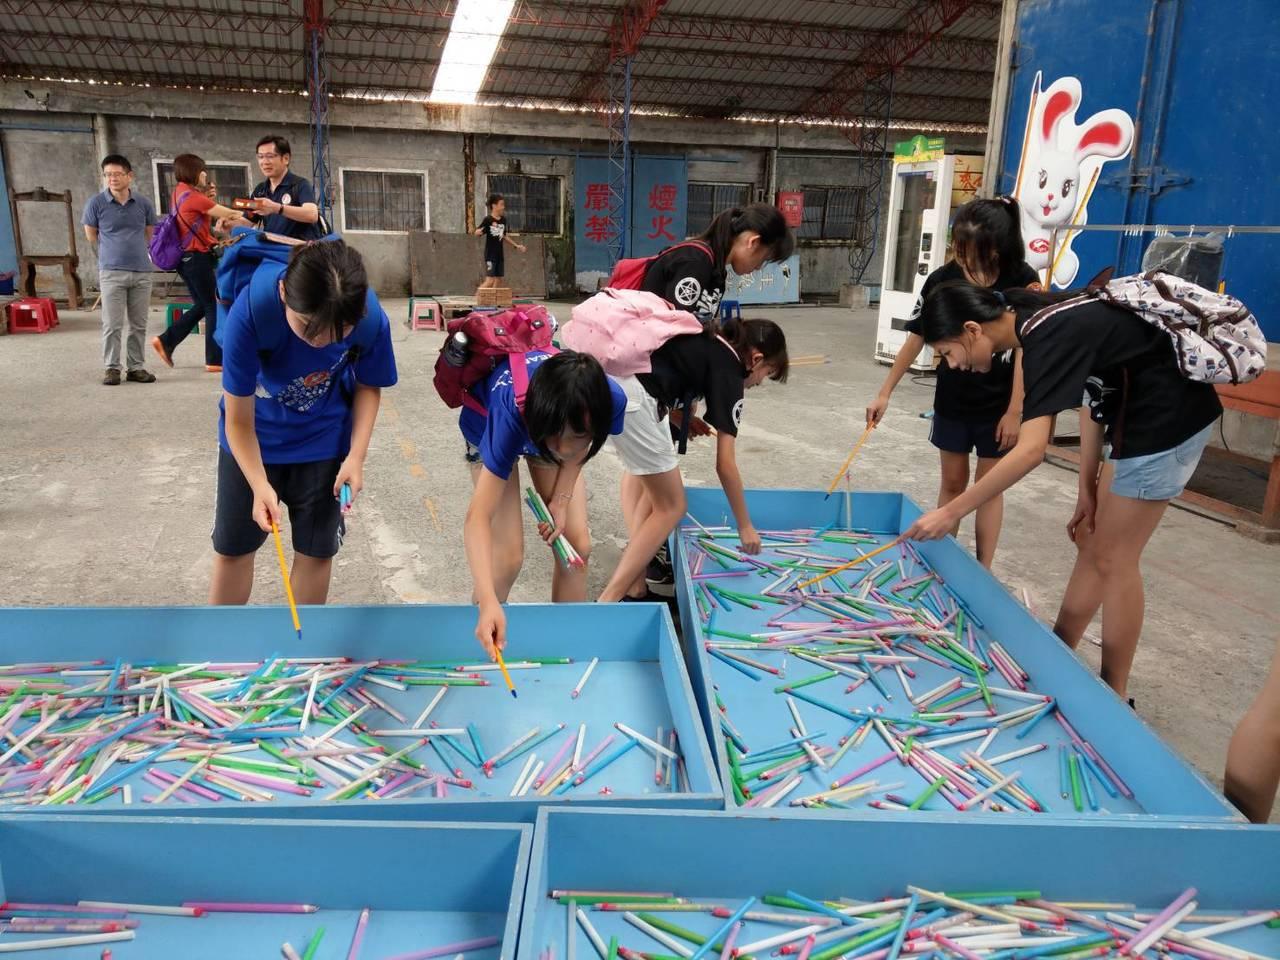 到玉兔鉛筆學校可以體驗釣鉛筆團康活動,必須事先電話預約。 記者戴永華/攝影